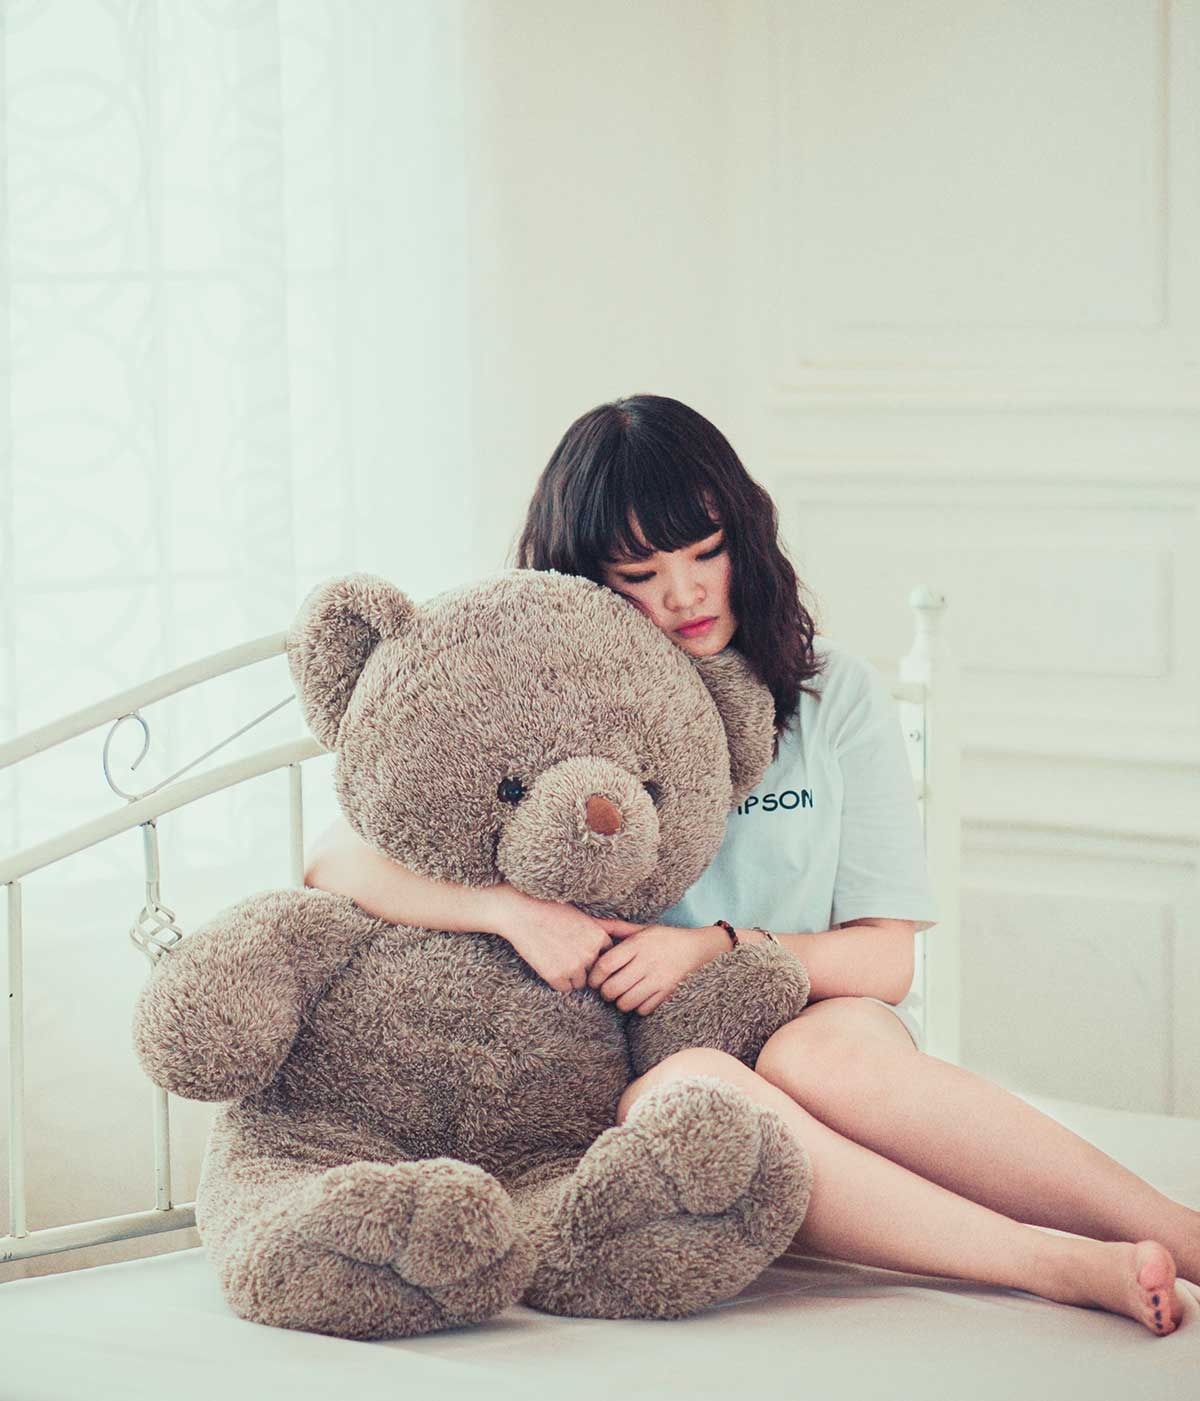 Девушка с мягкой игрушкой - медведем